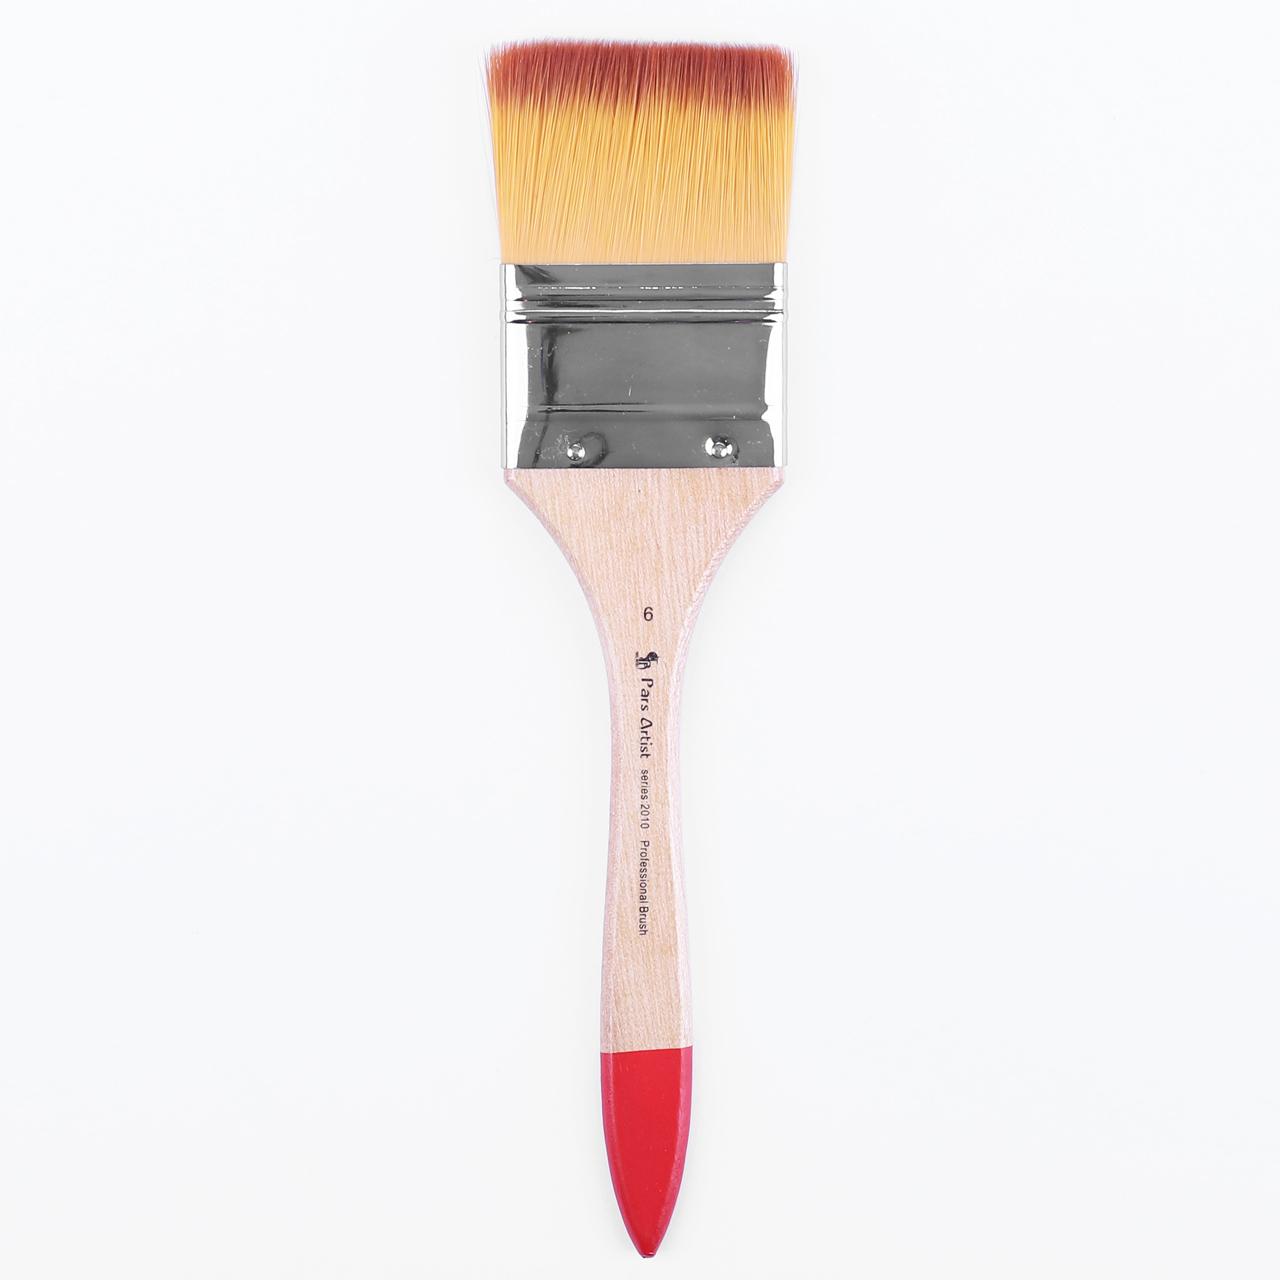 قلم مو پارس آرتیست کد 2010